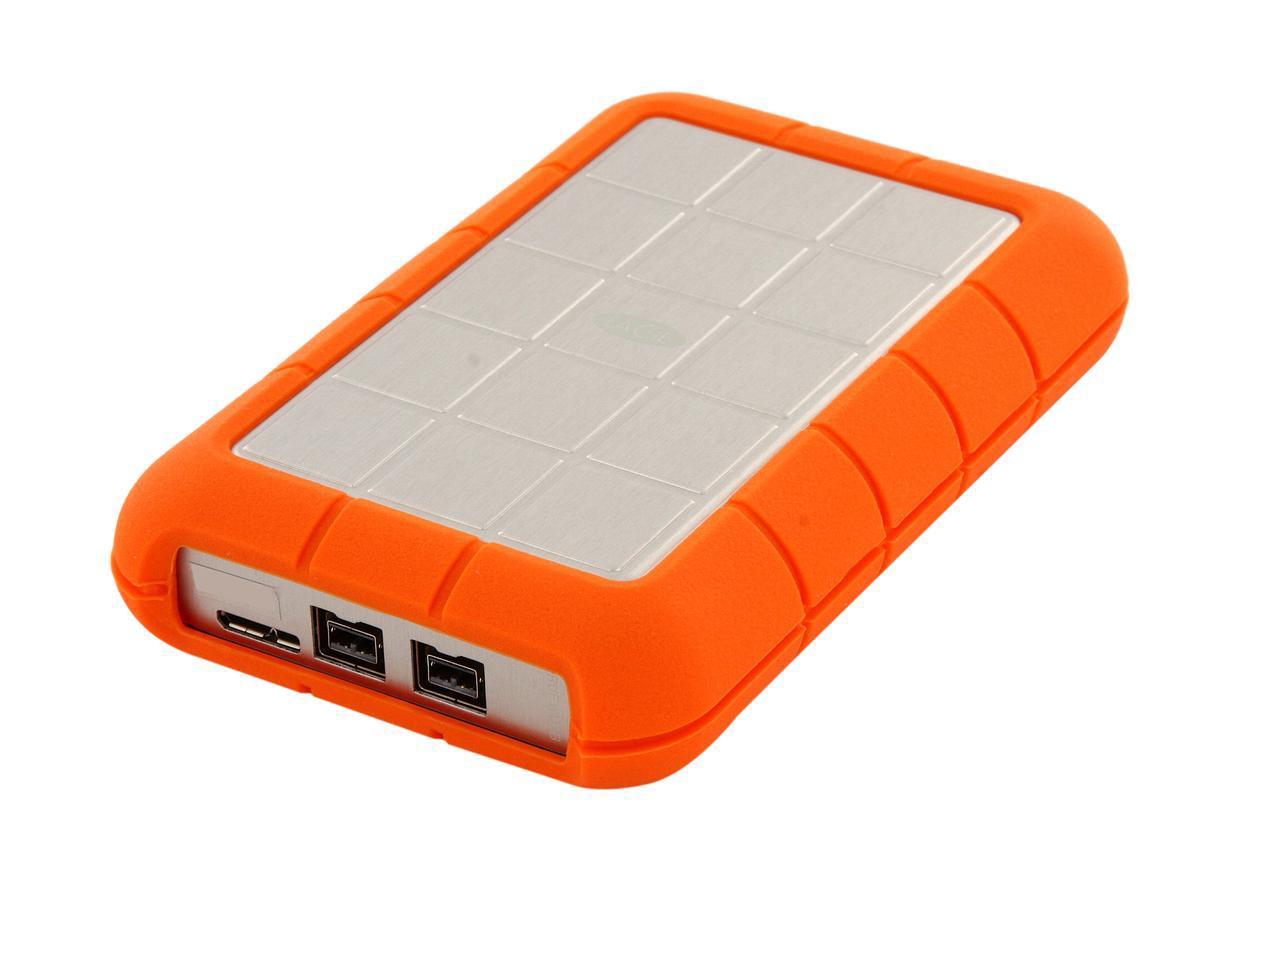 U003dLACIE HDD EXT 2.5u0027 USB3.0 RUGGED TRIPLE FW800 1TB LAC9000448